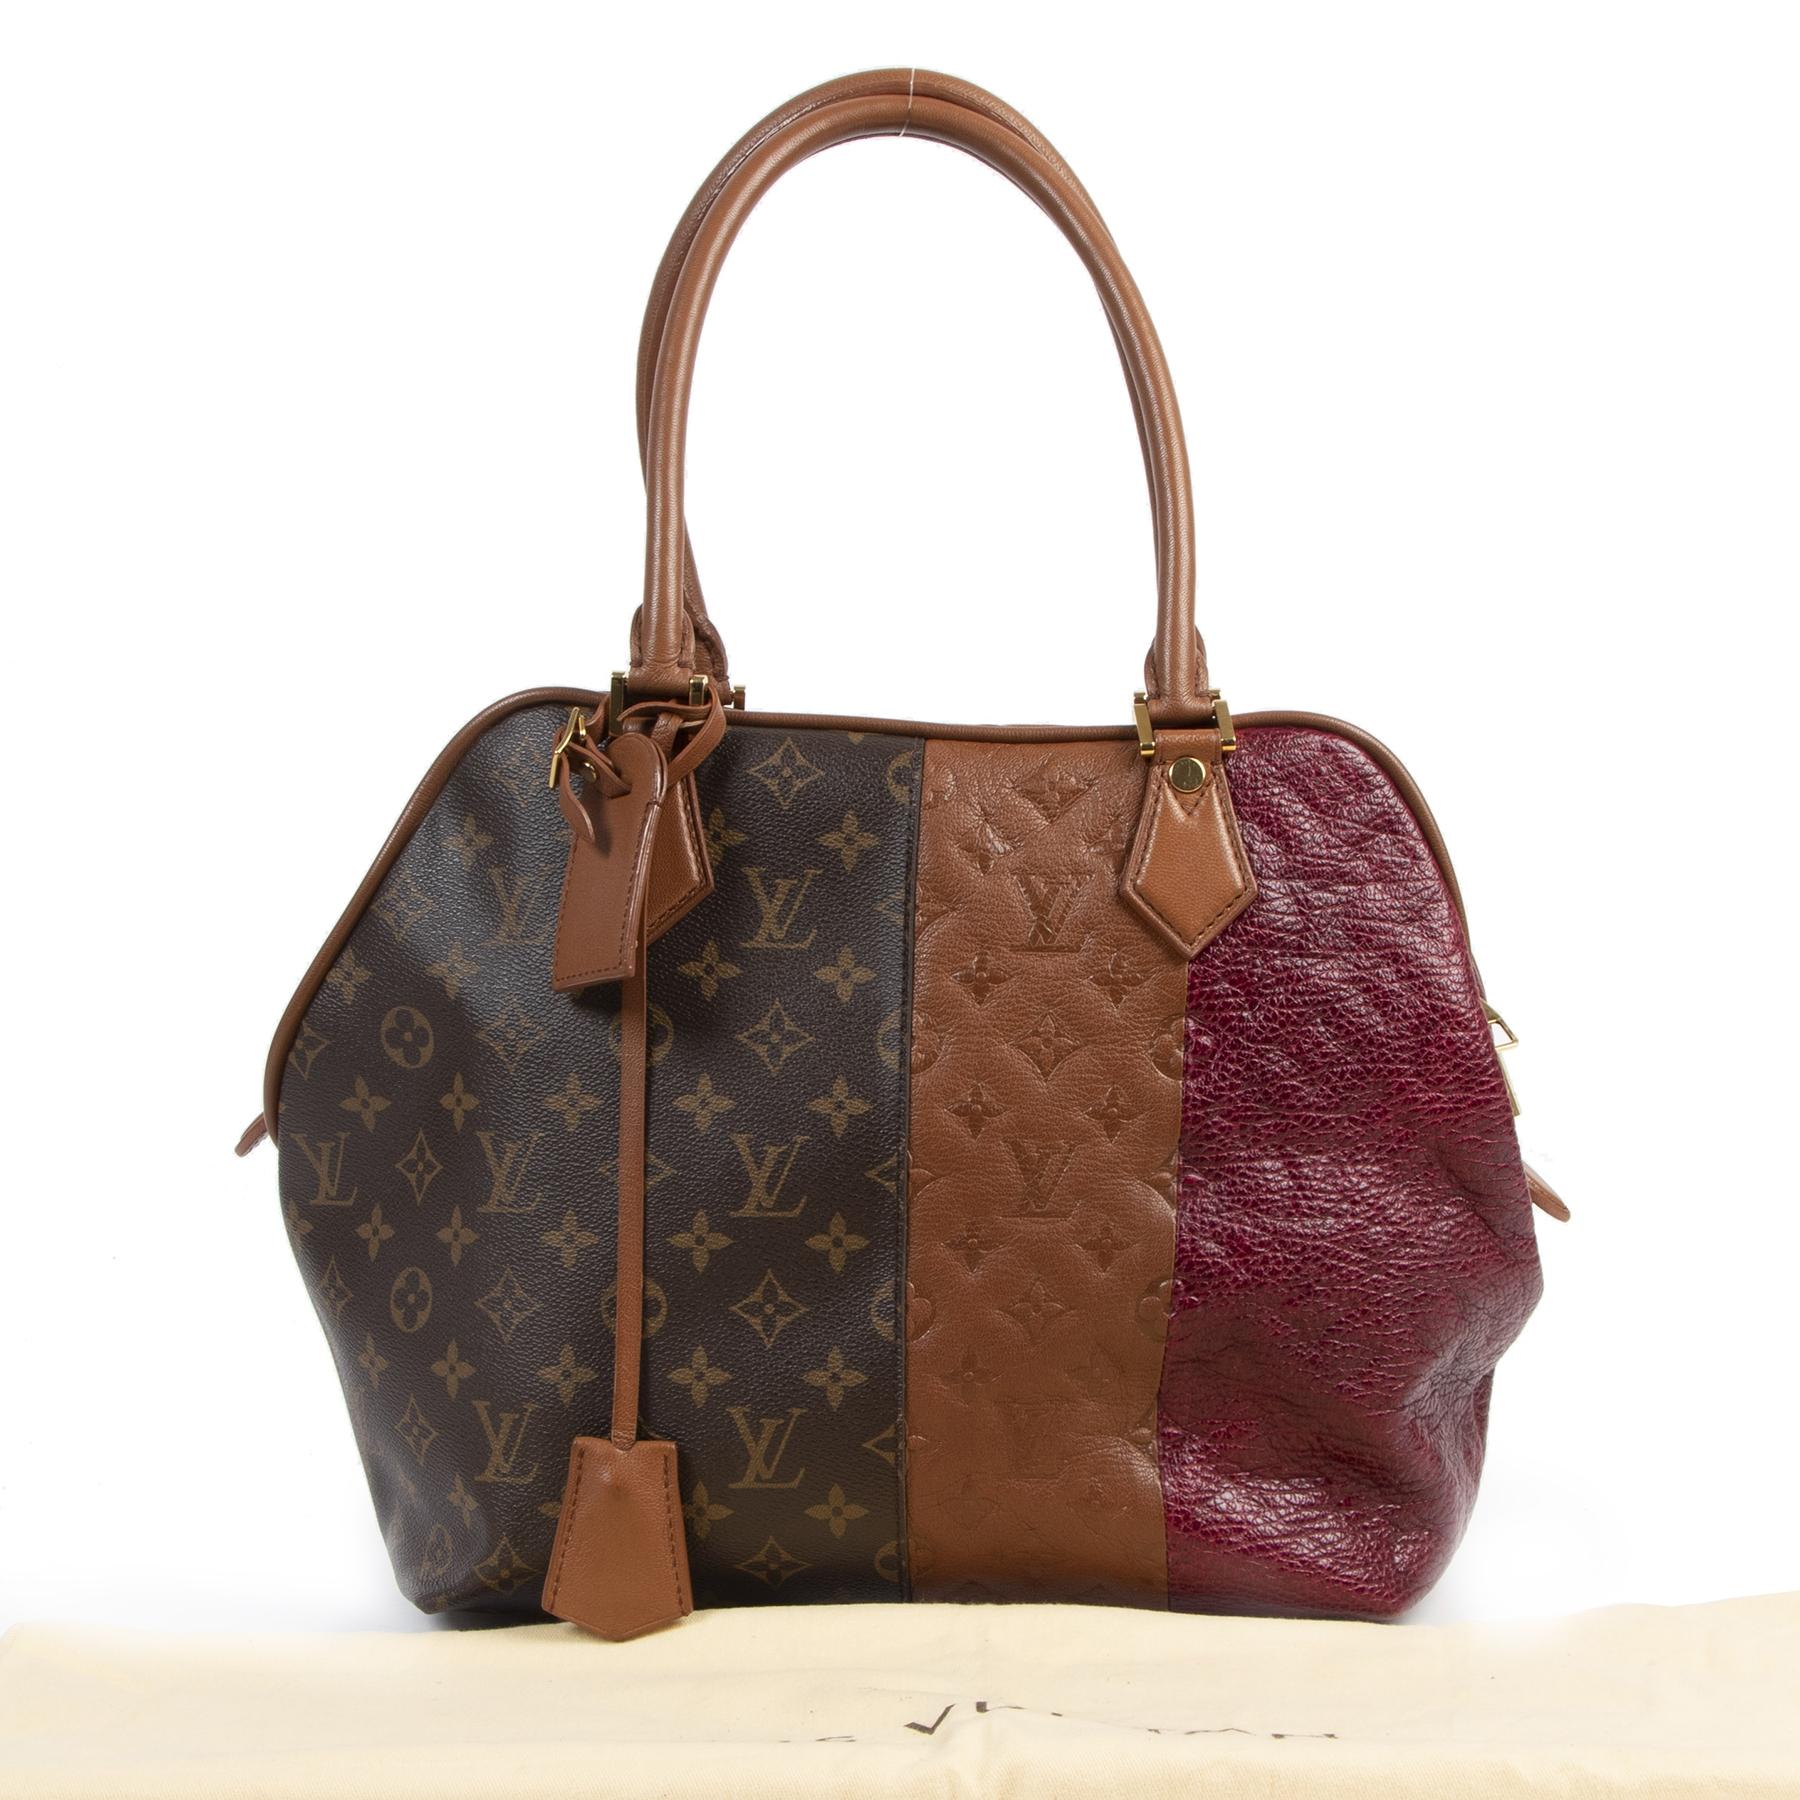 Koop en verkoop uw authentieke designer Louis Vuitton Burgundy Blocks Zipped Tote Bag